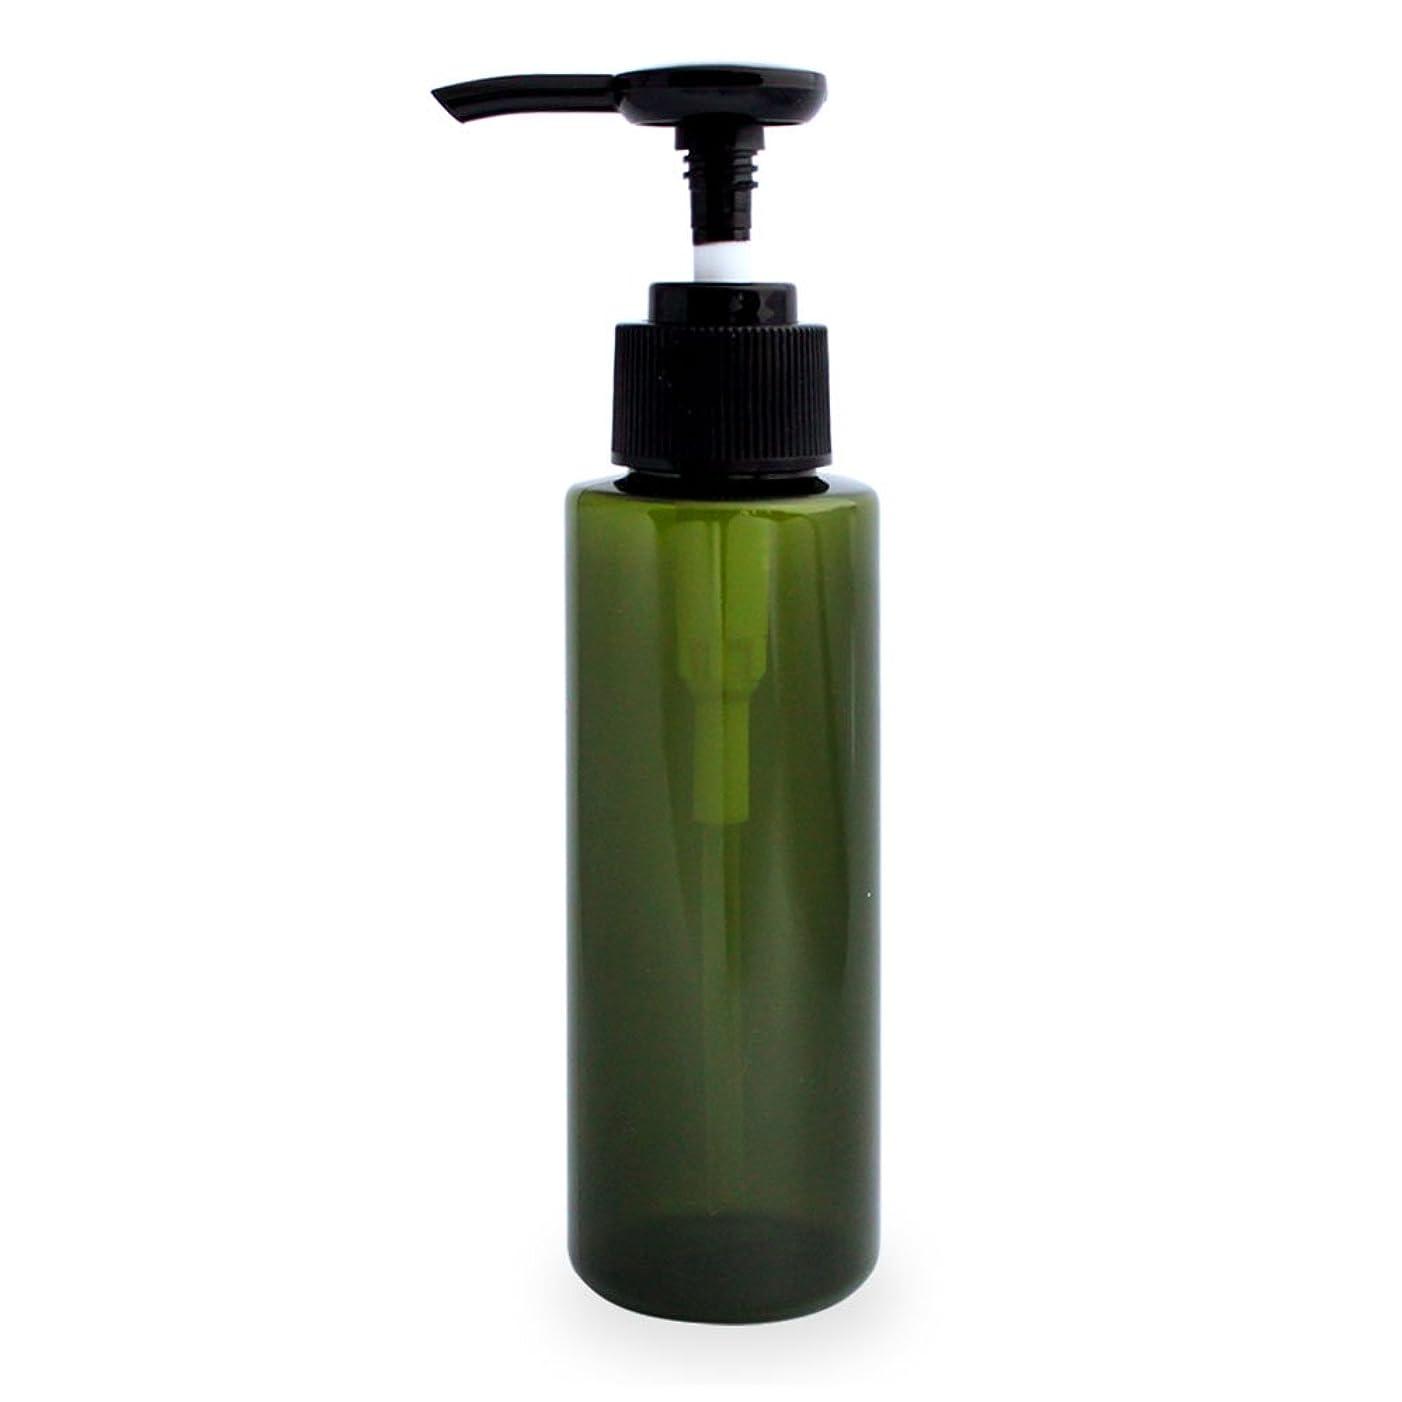 頻繁にカルシウム不当ポンプボトル100ml(グリーン)(プラスチック容器 オイル用空瓶 プラスチック製-PET 空ボトル プッシュポンプ)